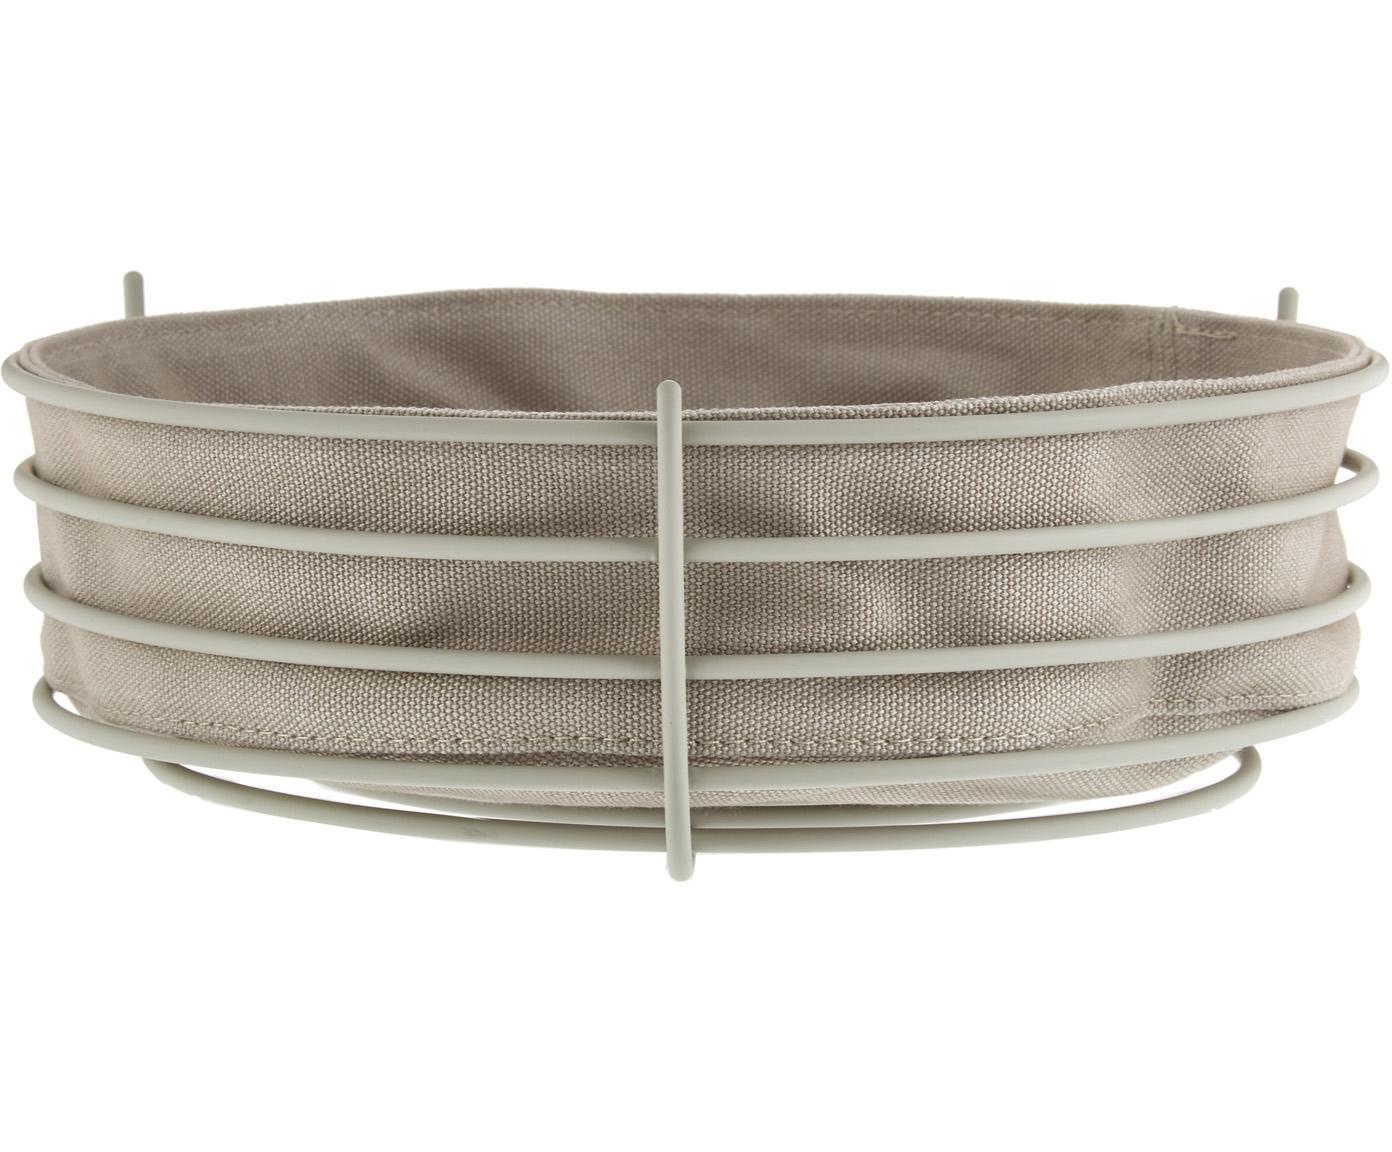 Broodmandje Gola met afneembare doek, Broodmand: gecoat metaal, Beige, Ø 26 x H 8 cm